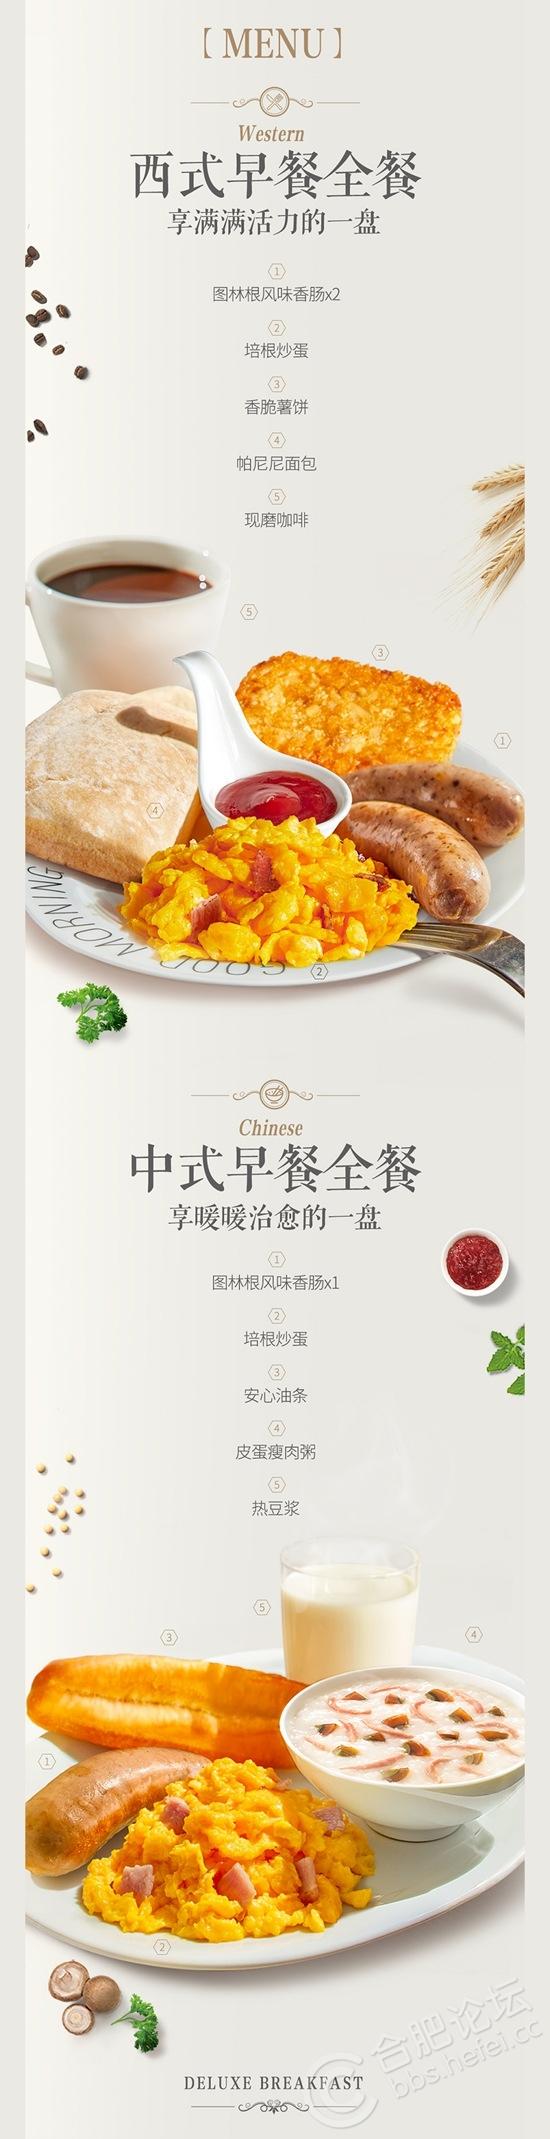 16 menu长图_副本.jpg